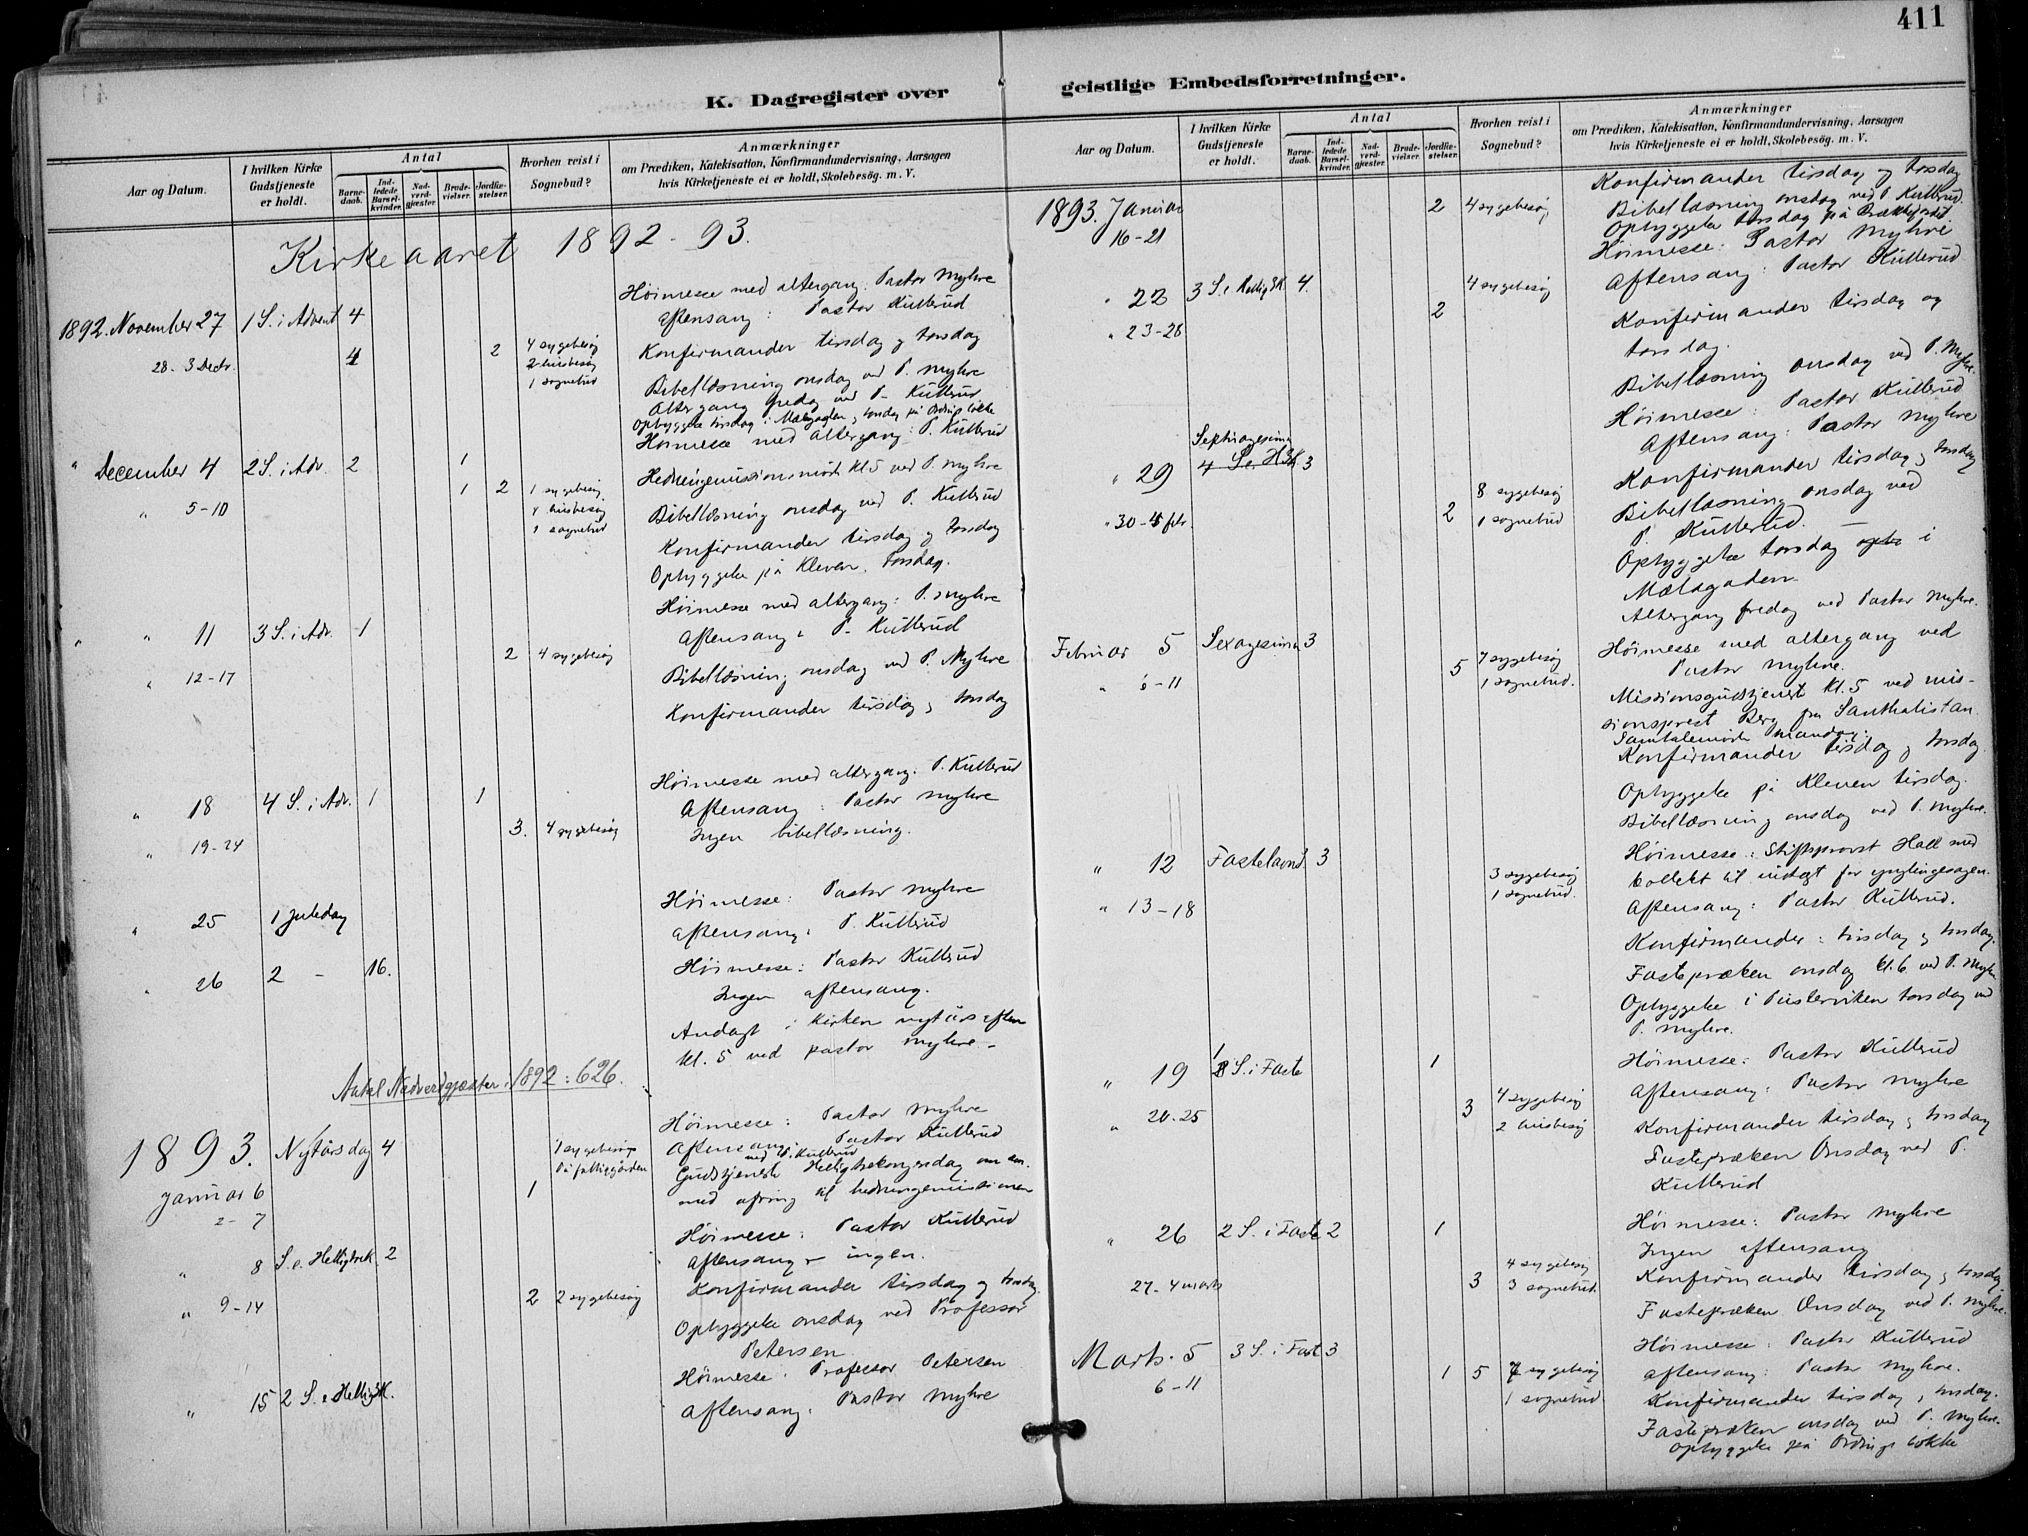 SAKO, Skien kirkebøker, F/Fa/L0010: Ministerialbok nr. 10, 1891-1899, s. 411